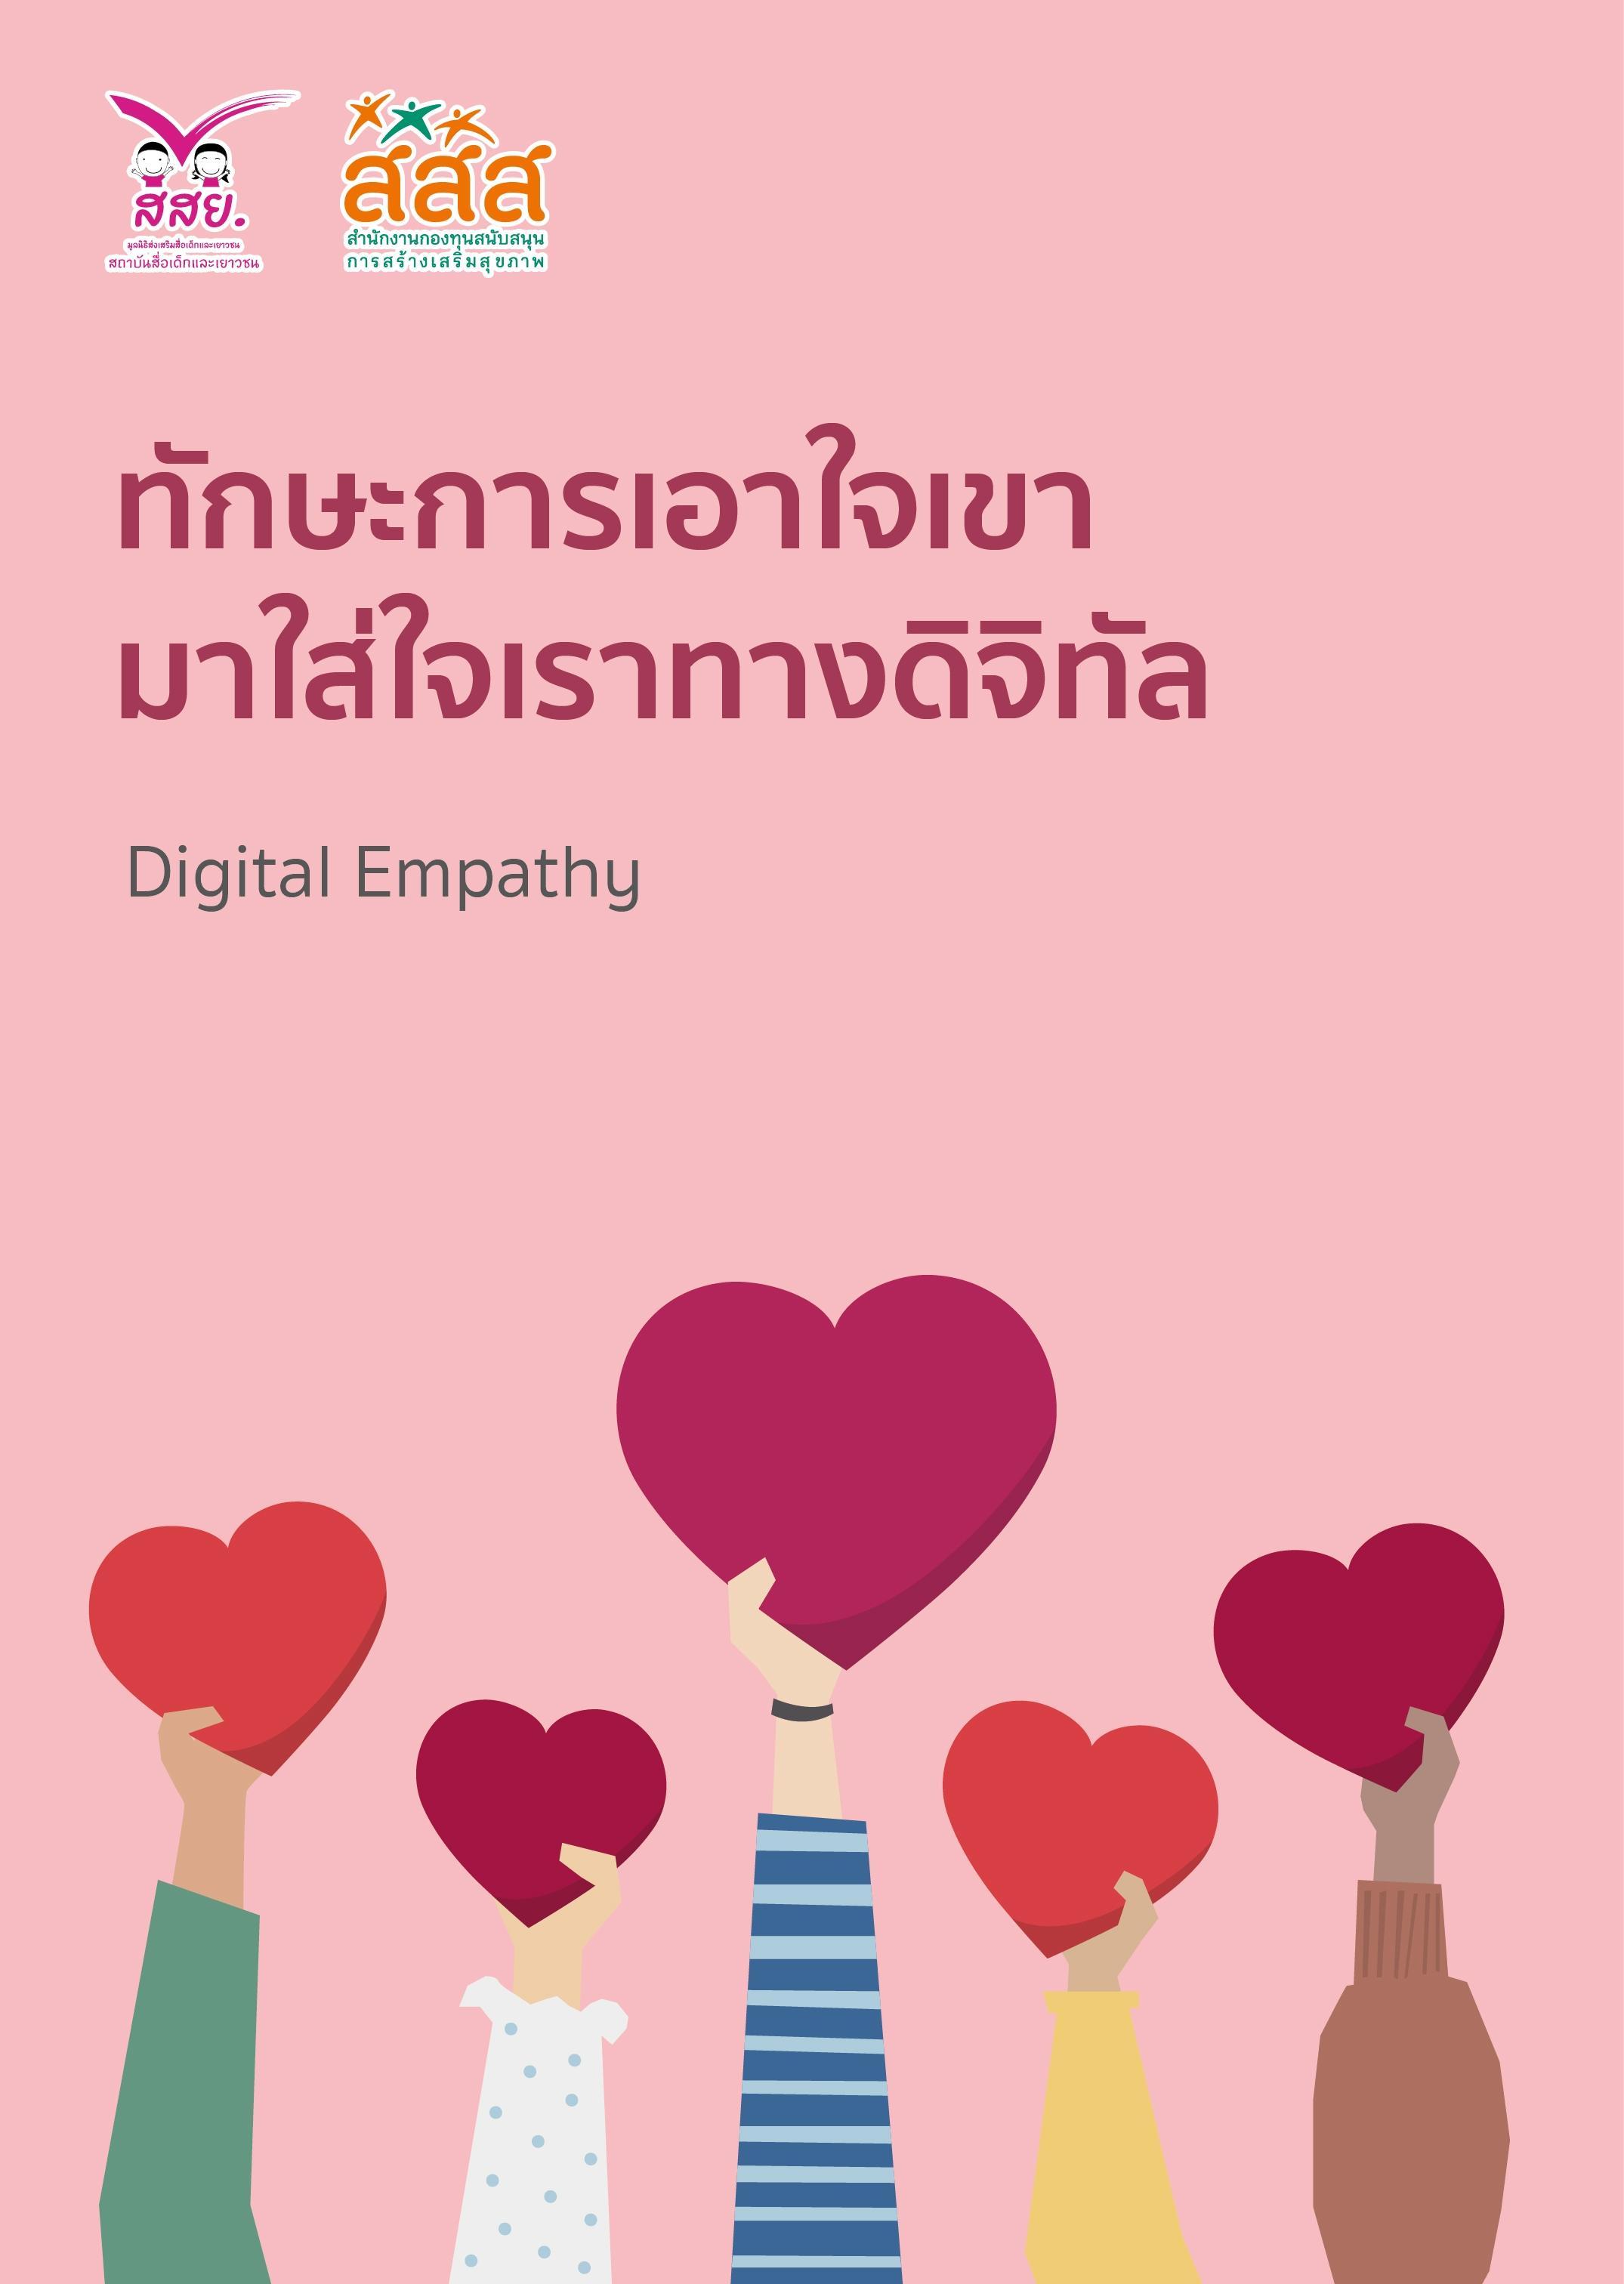 ทักษะการเอาใจเขามาใส่ใจเราทางดิจิทัล (Digital Empathy)